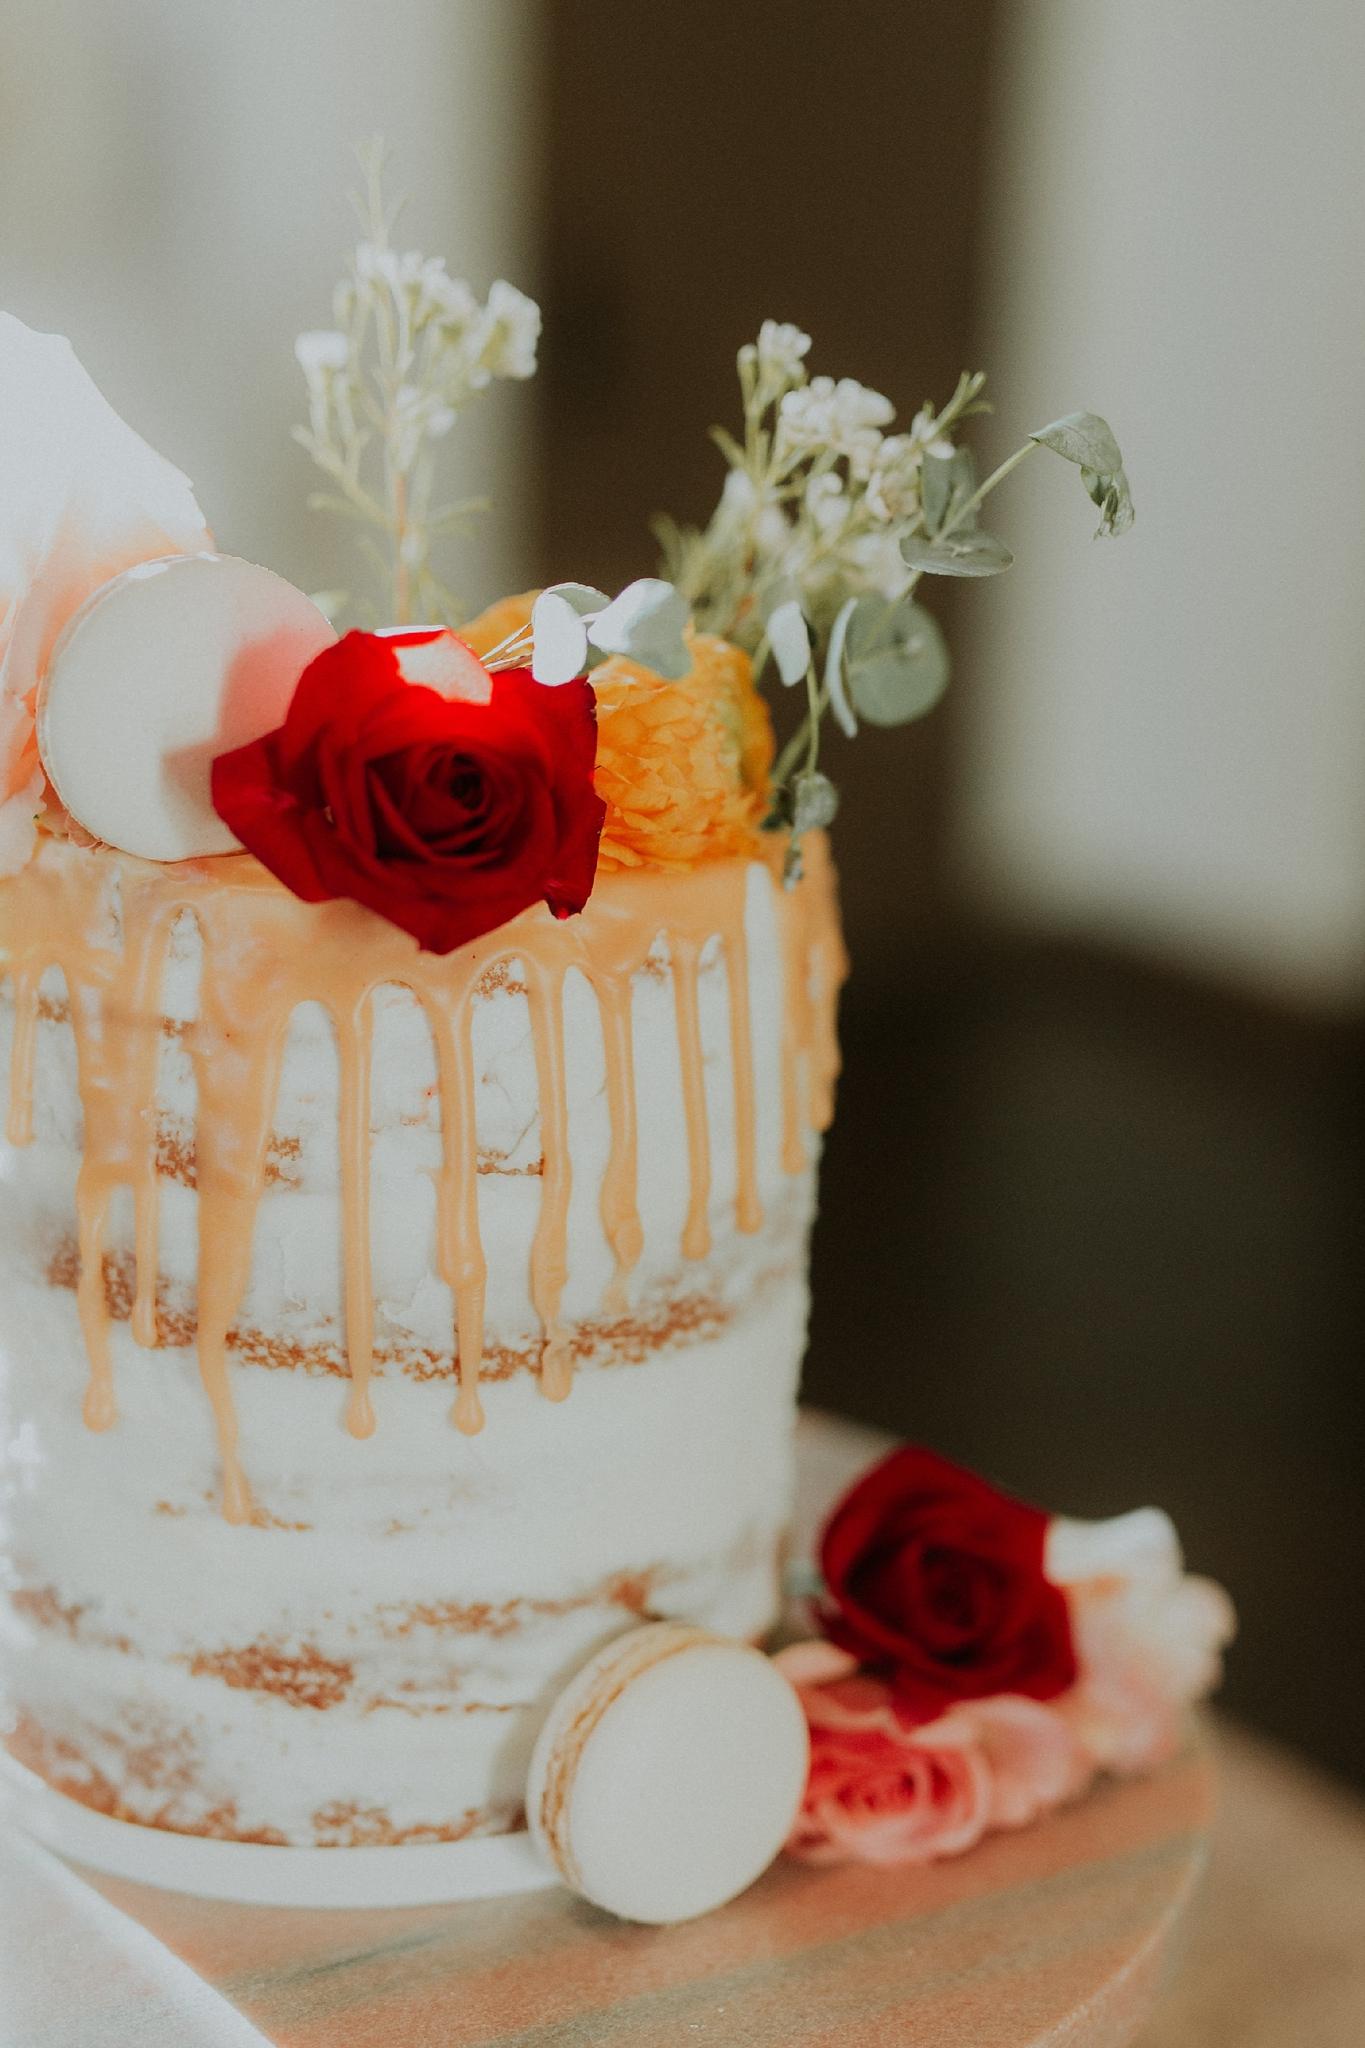 Alicia+lucia+photography+-+albuquerque+wedding+photographer+-+santa+fe+wedding+photography+-+new+mexico+wedding+photographer+-+new+mexico+wedding+-+new+mexico+florist+-+floriography+flowers+-+floriography+flowers+new+mexico+-+wedding+florist_0108.jpg